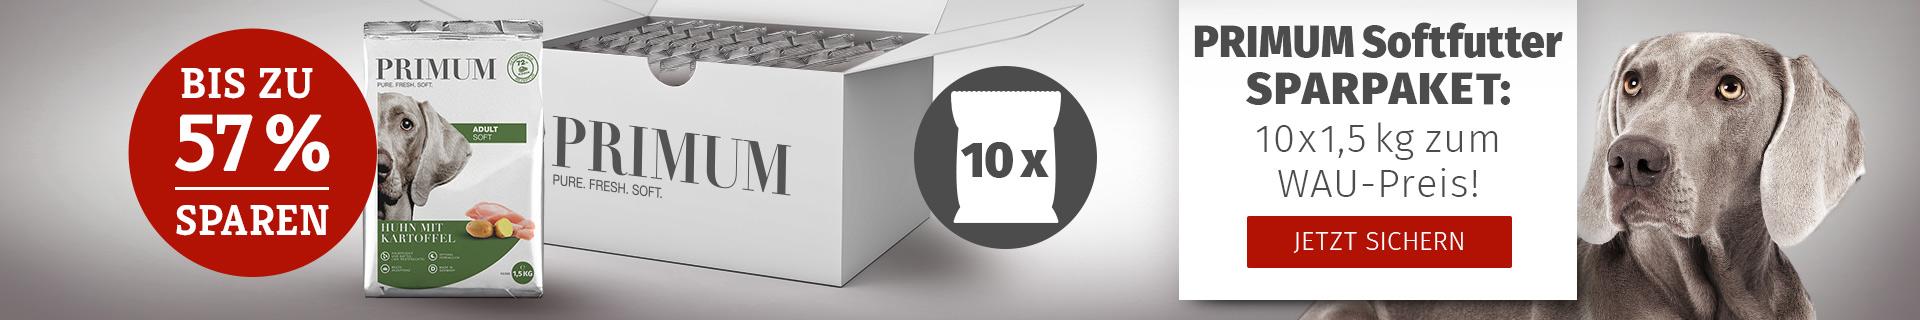 PRIMUM - Softfutter Sparpaket 10x1,5kg zum WAU-Preis